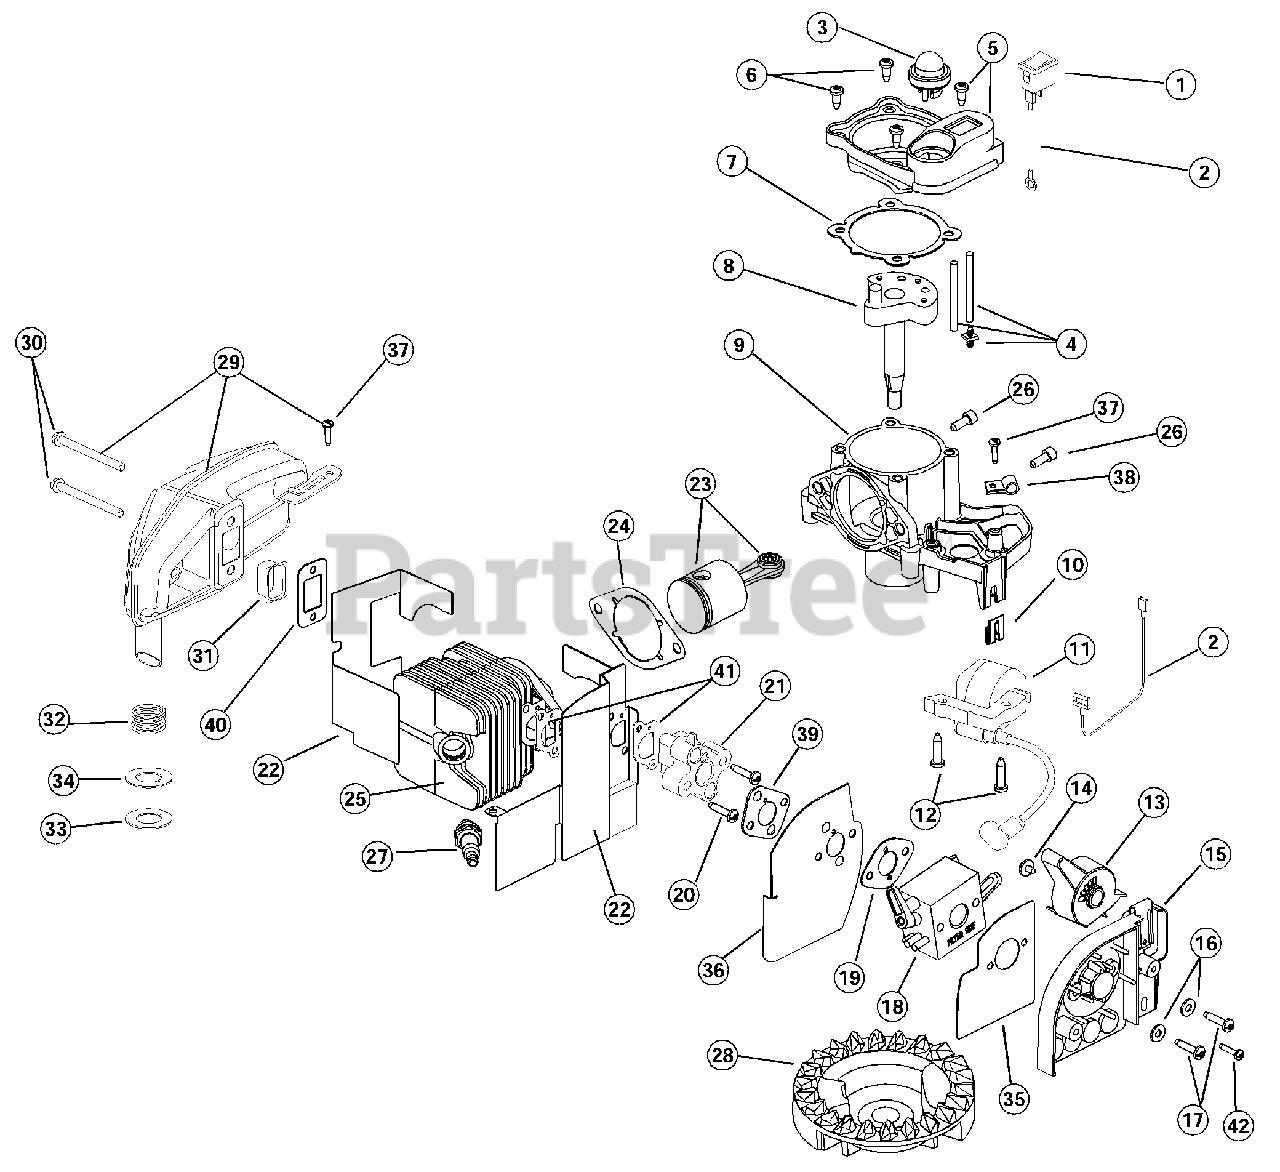 ryobi engine diagram ryobi 340 bv  41bs340g034  ryobi blower engine parts parts  ryobi blower engine parts